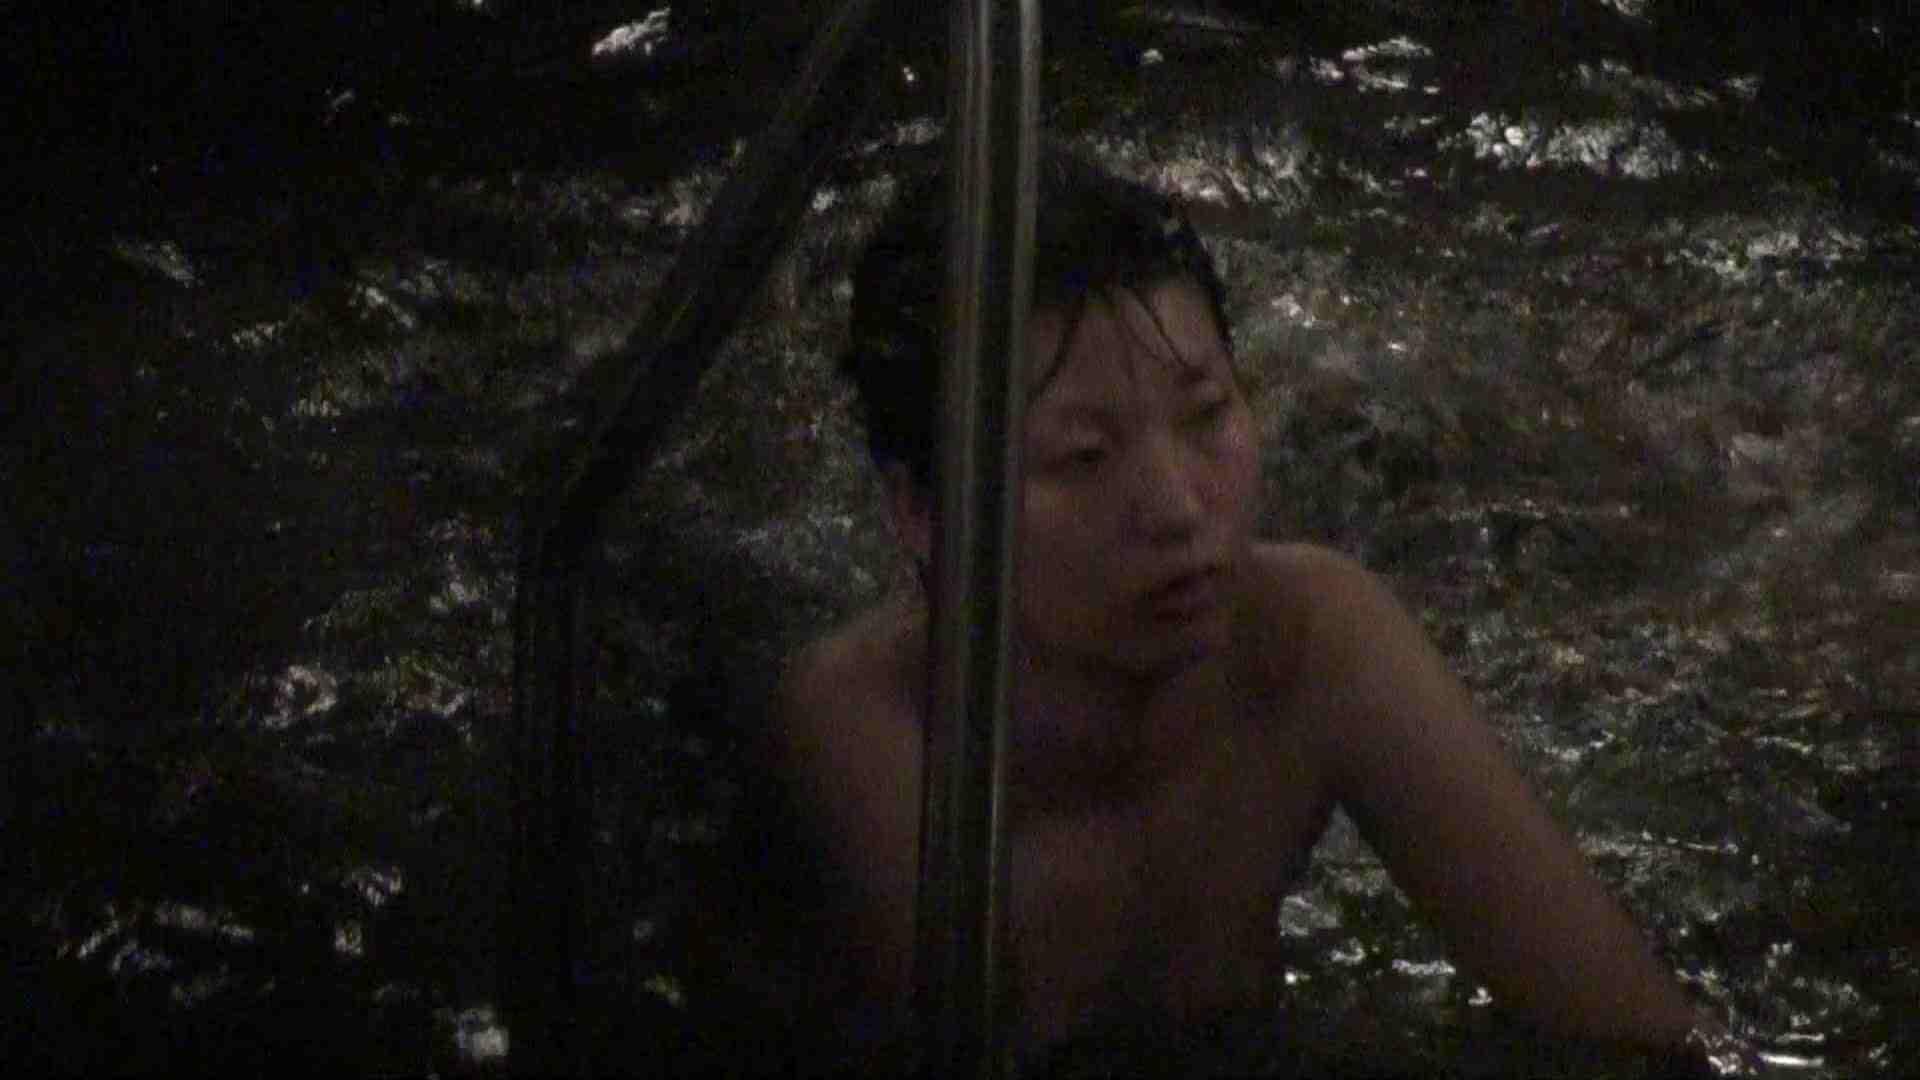 Aquaな露天風呂Vol.379 OL  90pic 52